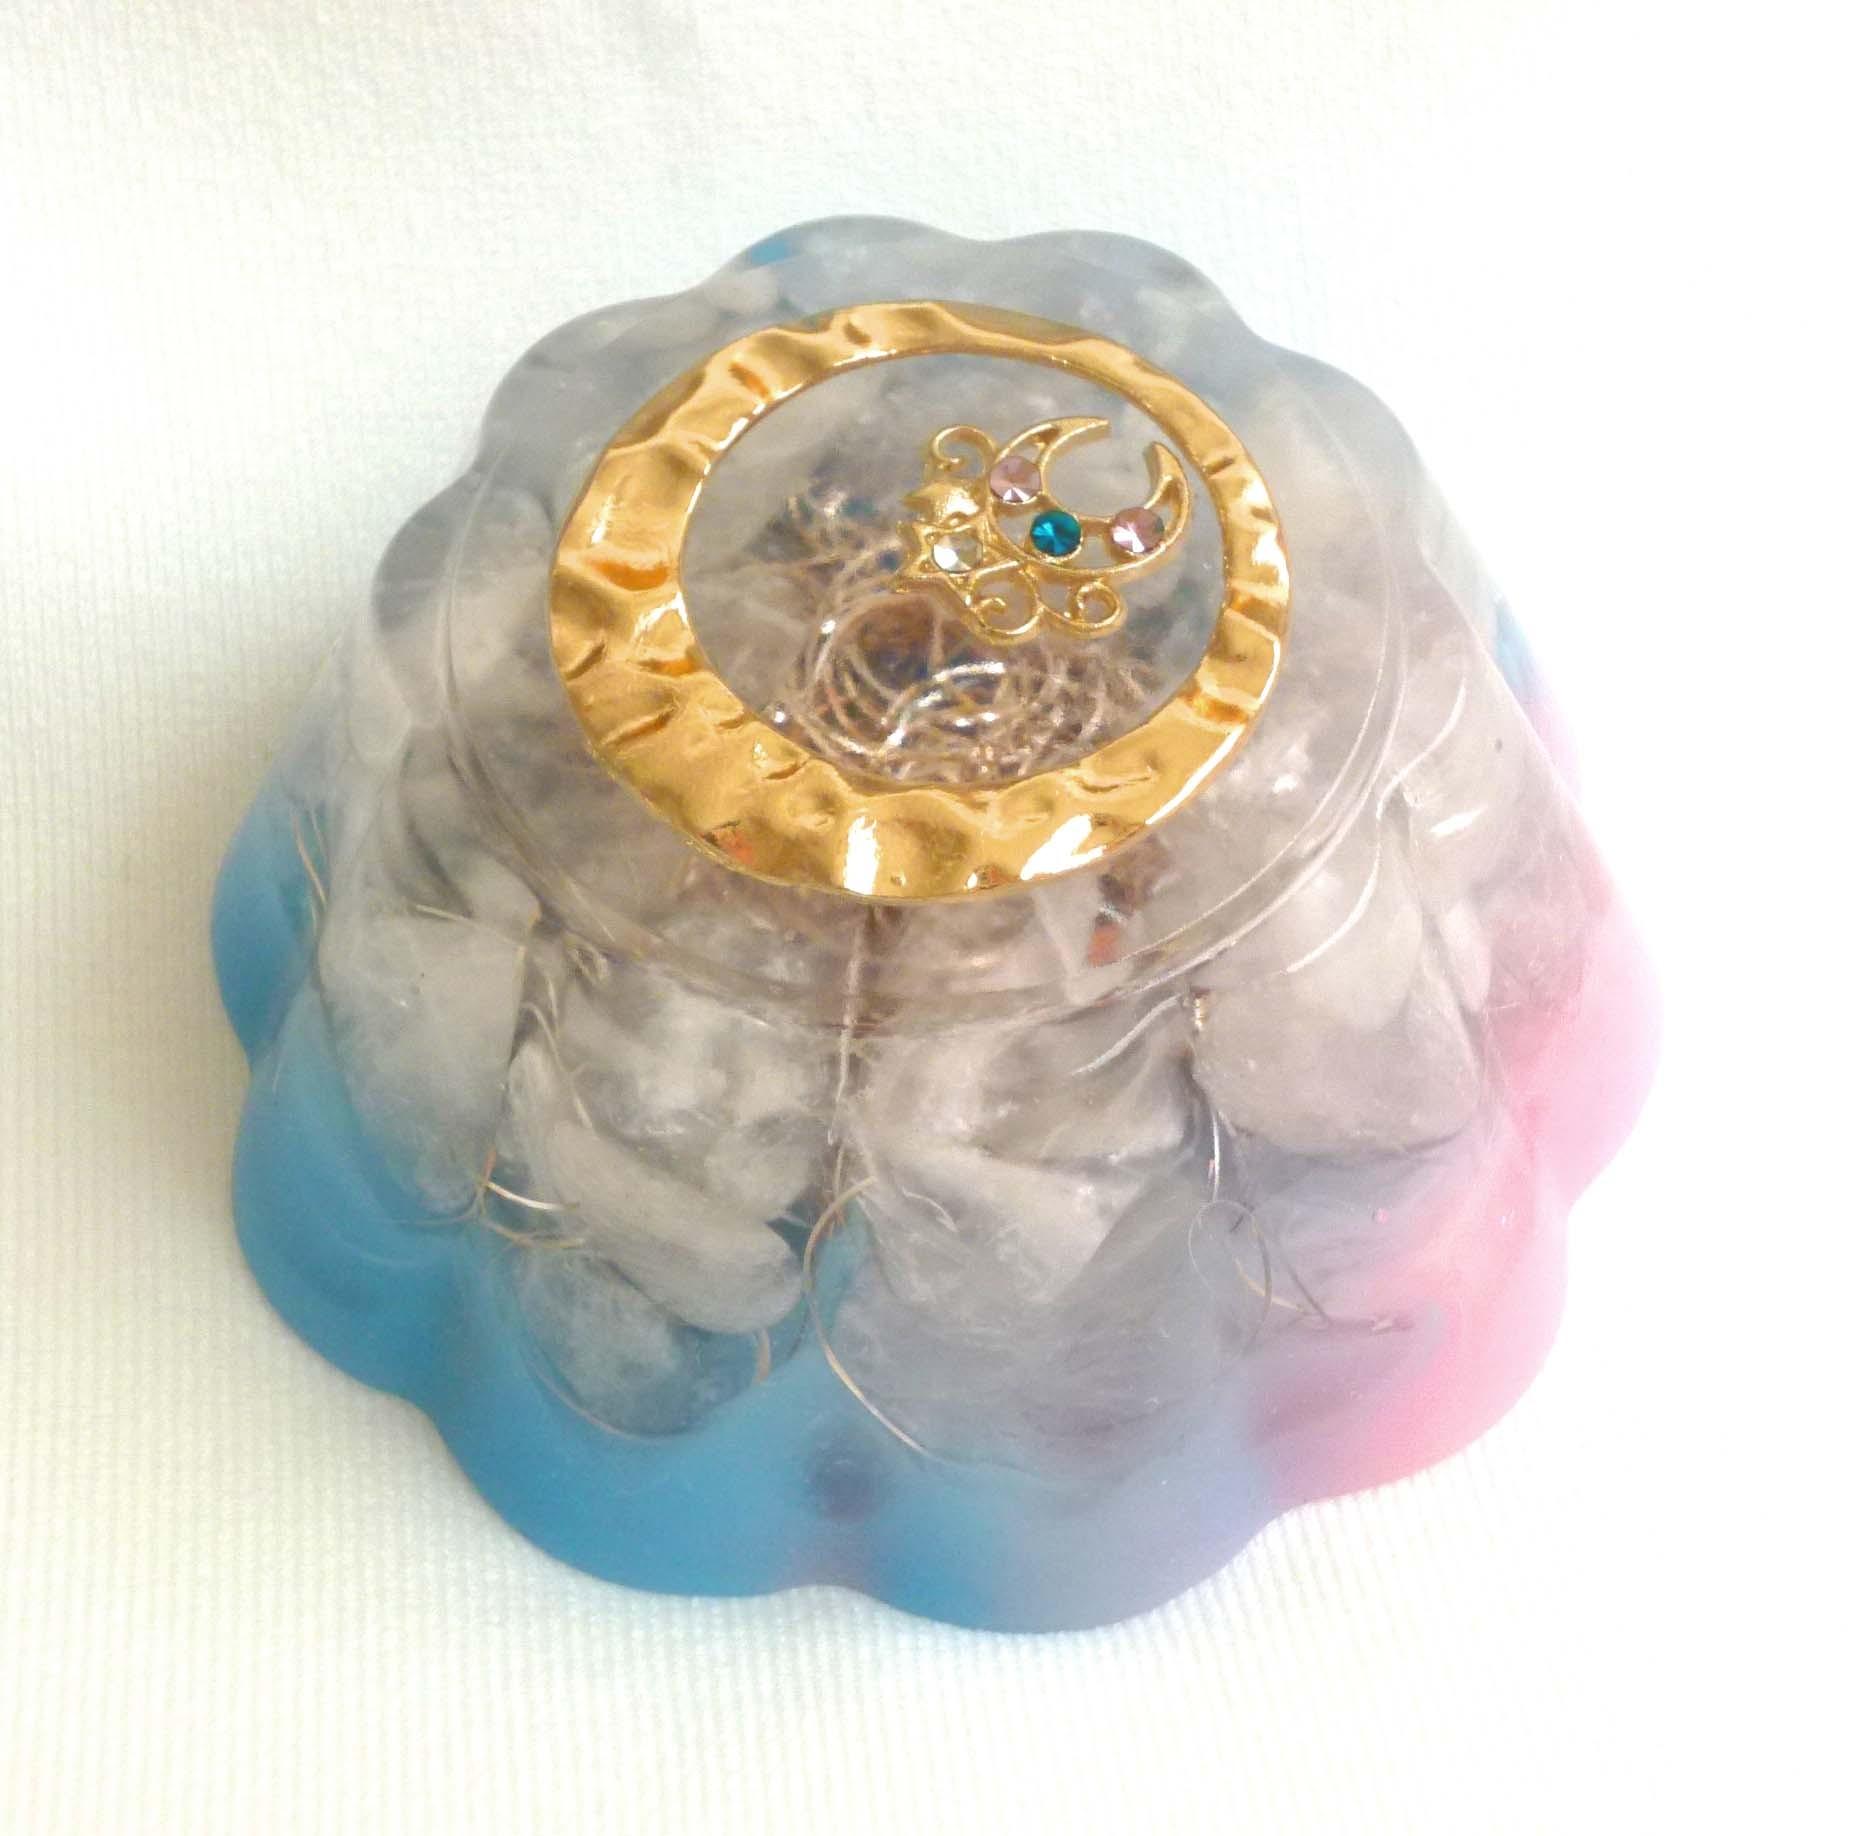 ムーン・プリンセス 夜明 ゼリー型オルゴナイト